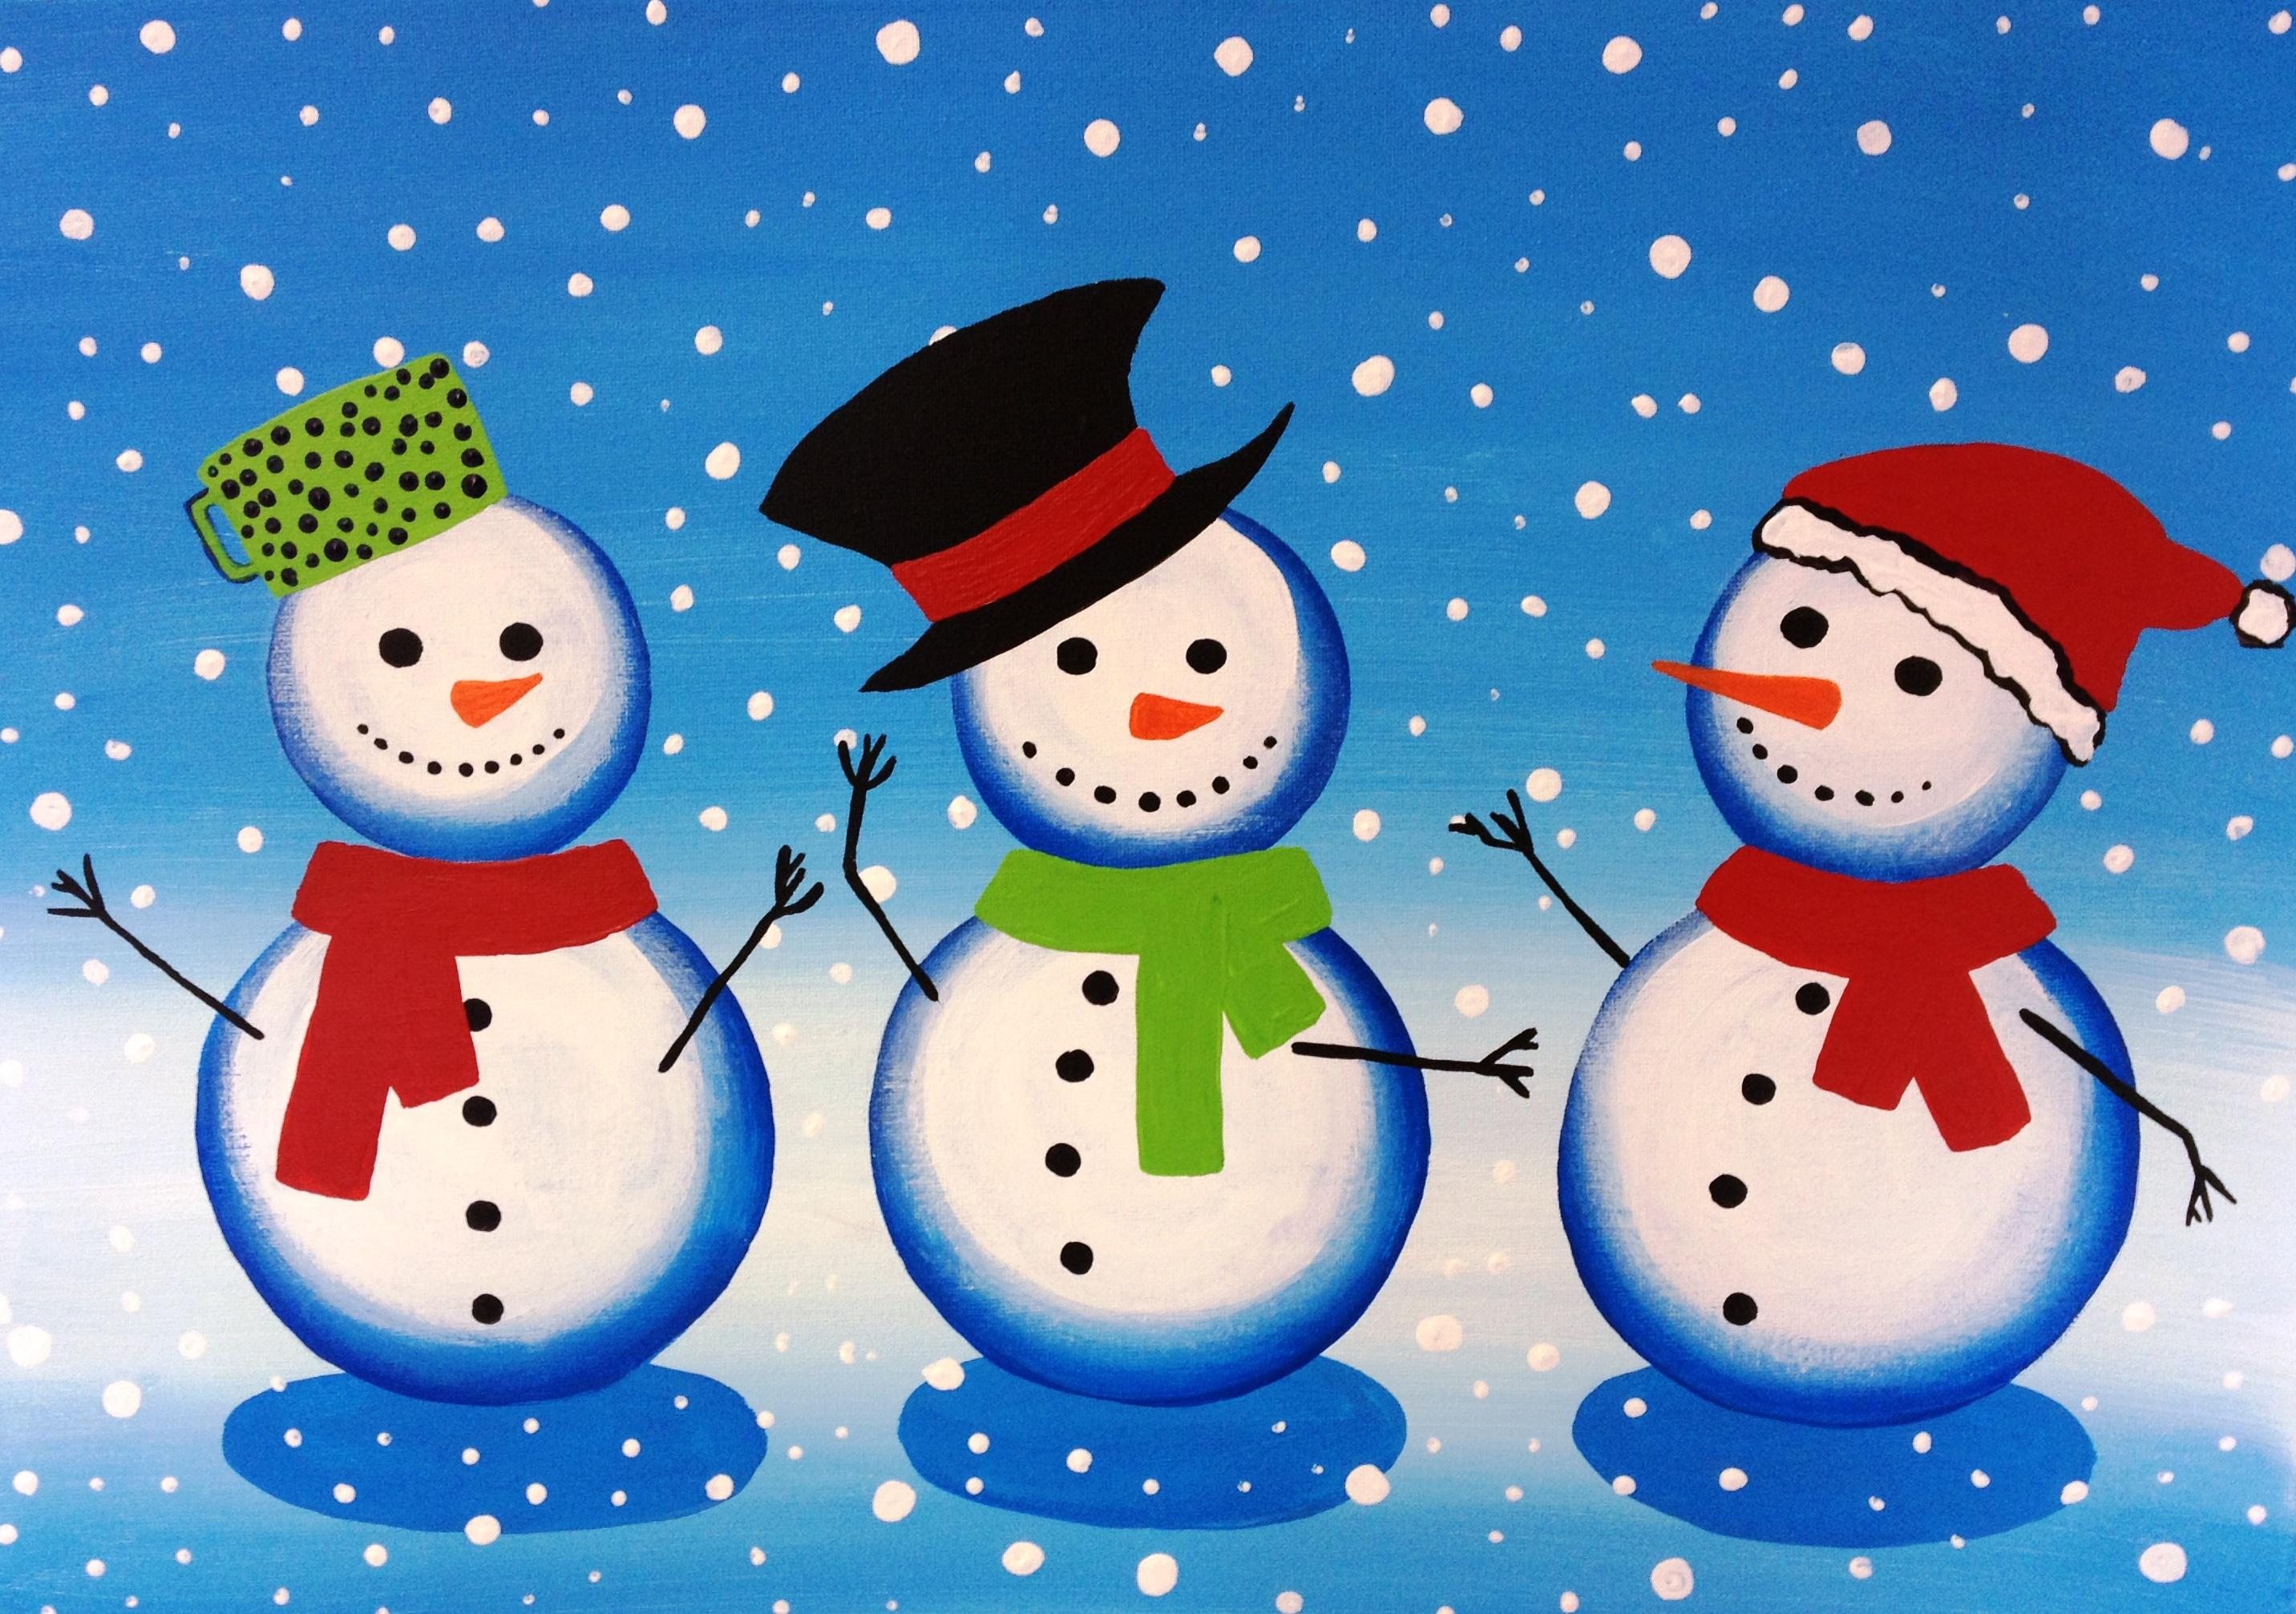 Snowman Fun - 2 Hours